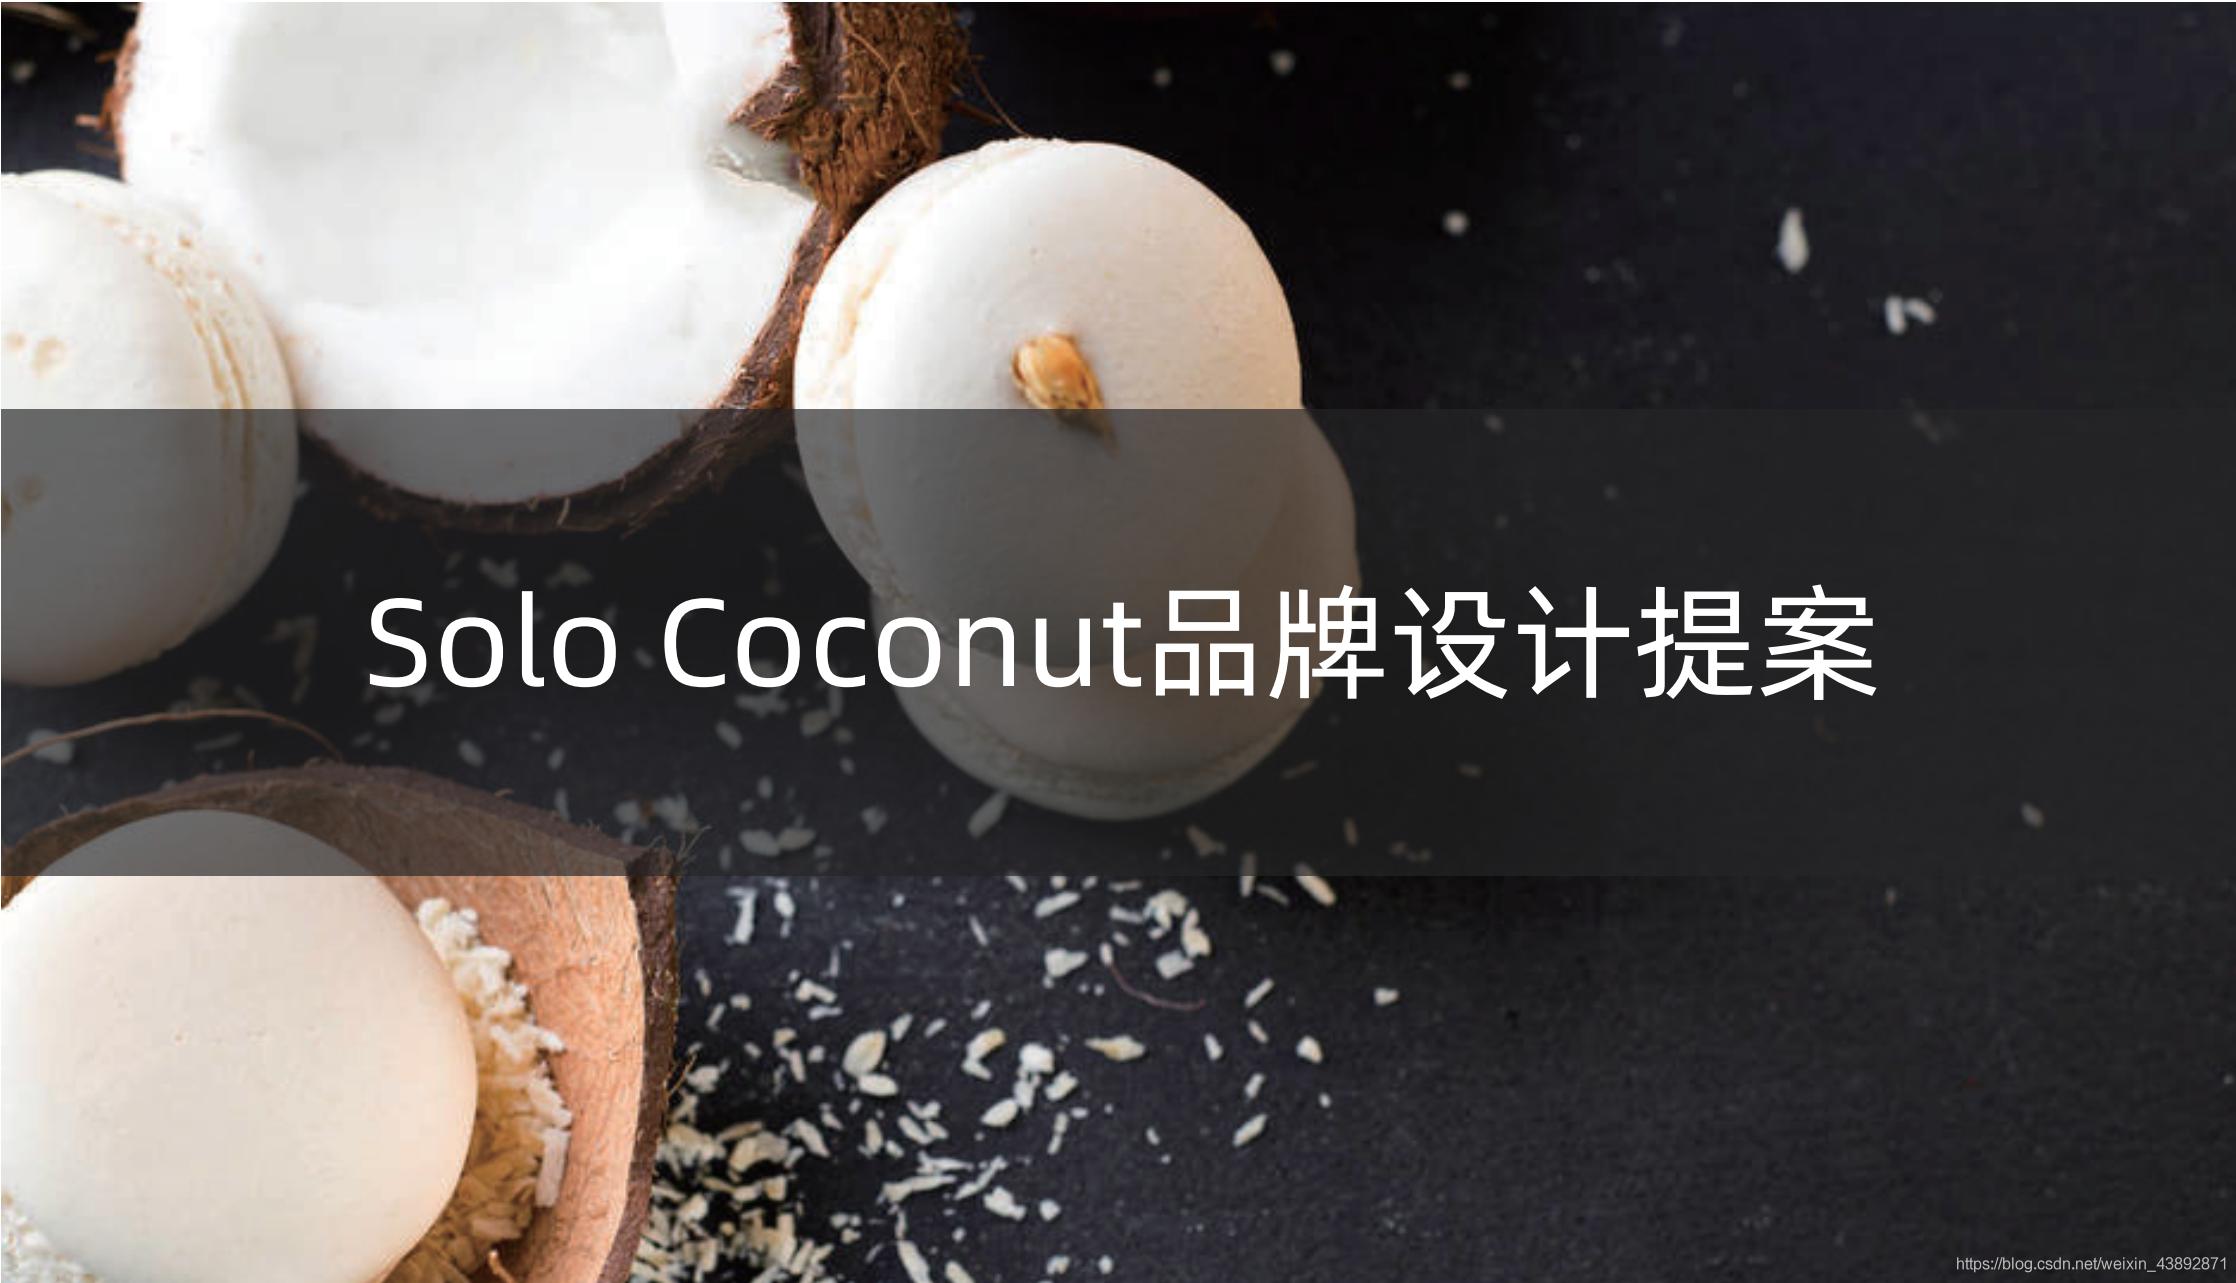 LOGO-SOLO COCONUT—-餐饮椰子LOGO设计-提案